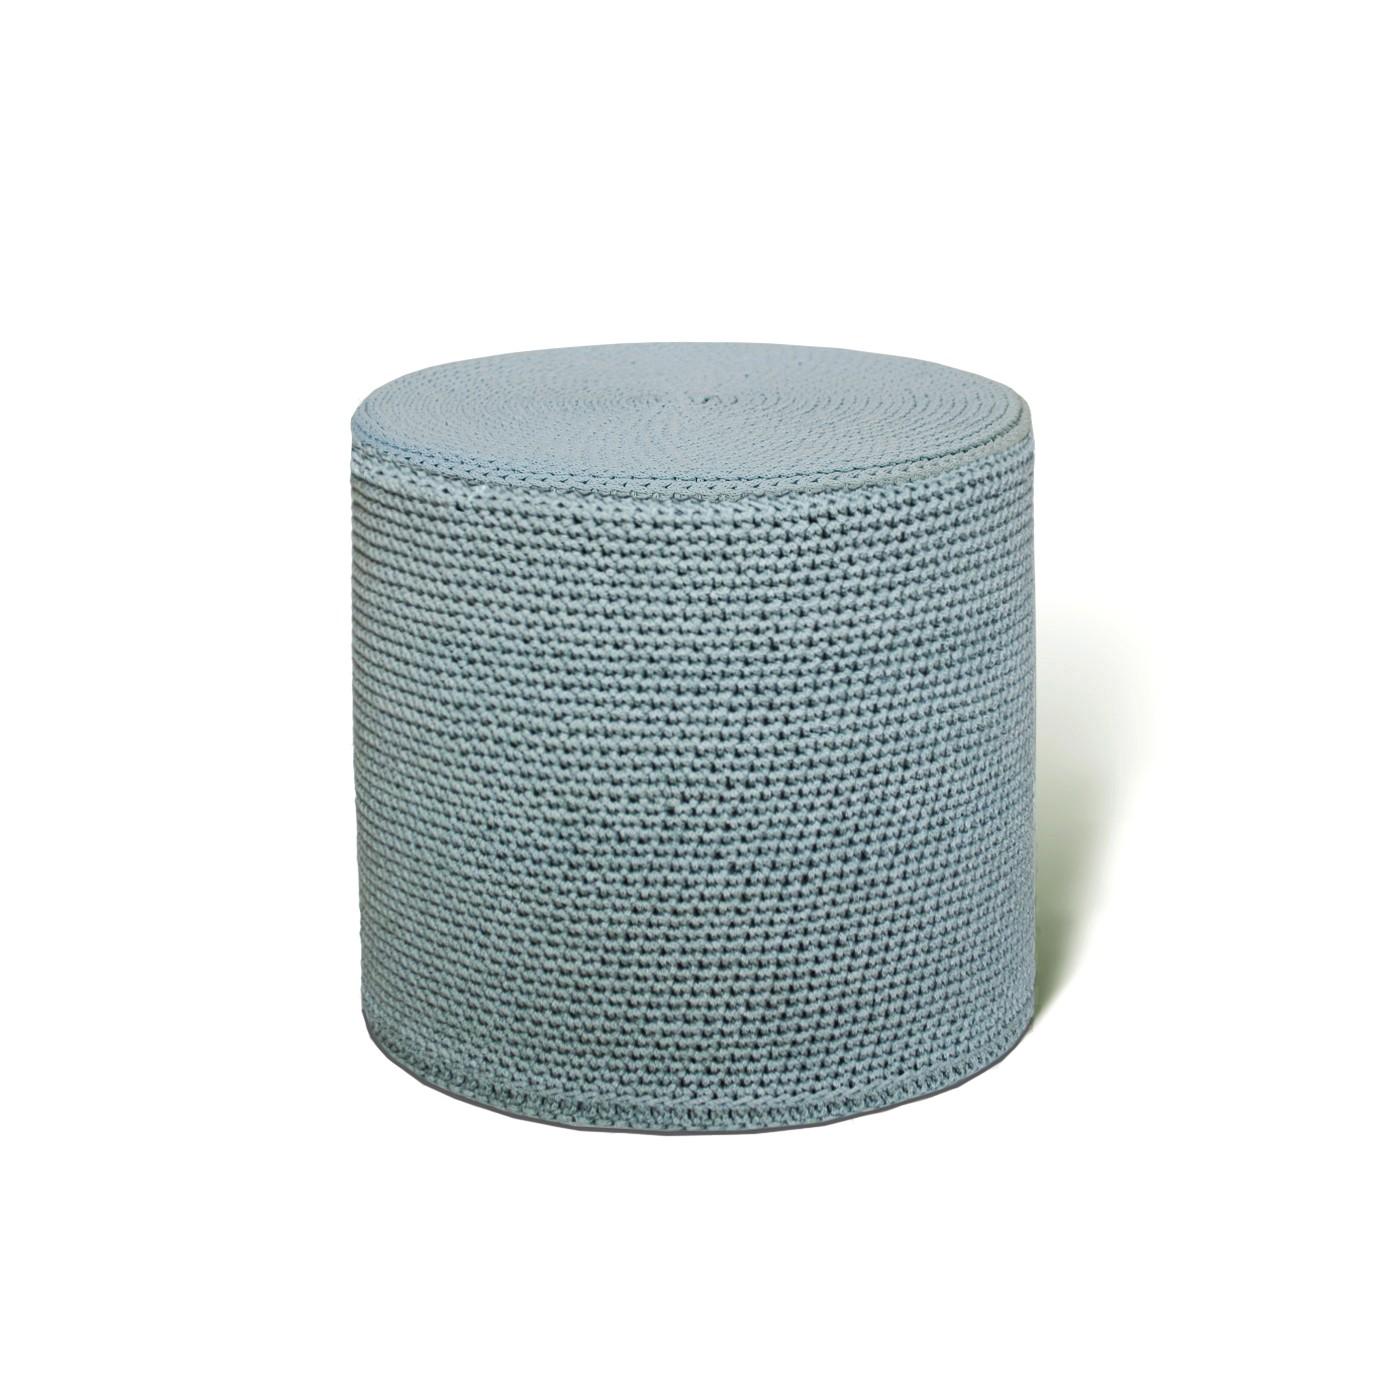 ПуфФорменные пуфы<br>Дизайнерский уникальный пуф ручной работы. Чехол сплетен из льняных веревок цвета полыни, мягкое войлочное дно. Наполнитель — формованный высококачественный ППУ, поэтому такой пуф можно использовать вместо табурета или ставить на него поднос с едой.&amp;lt;div&amp;gt;&amp;lt;br&amp;gt;&amp;lt;/div&amp;gt;&amp;lt;div&amp;gt;Гарантия на форму 5 лет&amp;lt;/div&amp;gt;<br><br>Material: Текстиль<br>Depth см: None<br>Height см: 45<br>Diameter см: 50